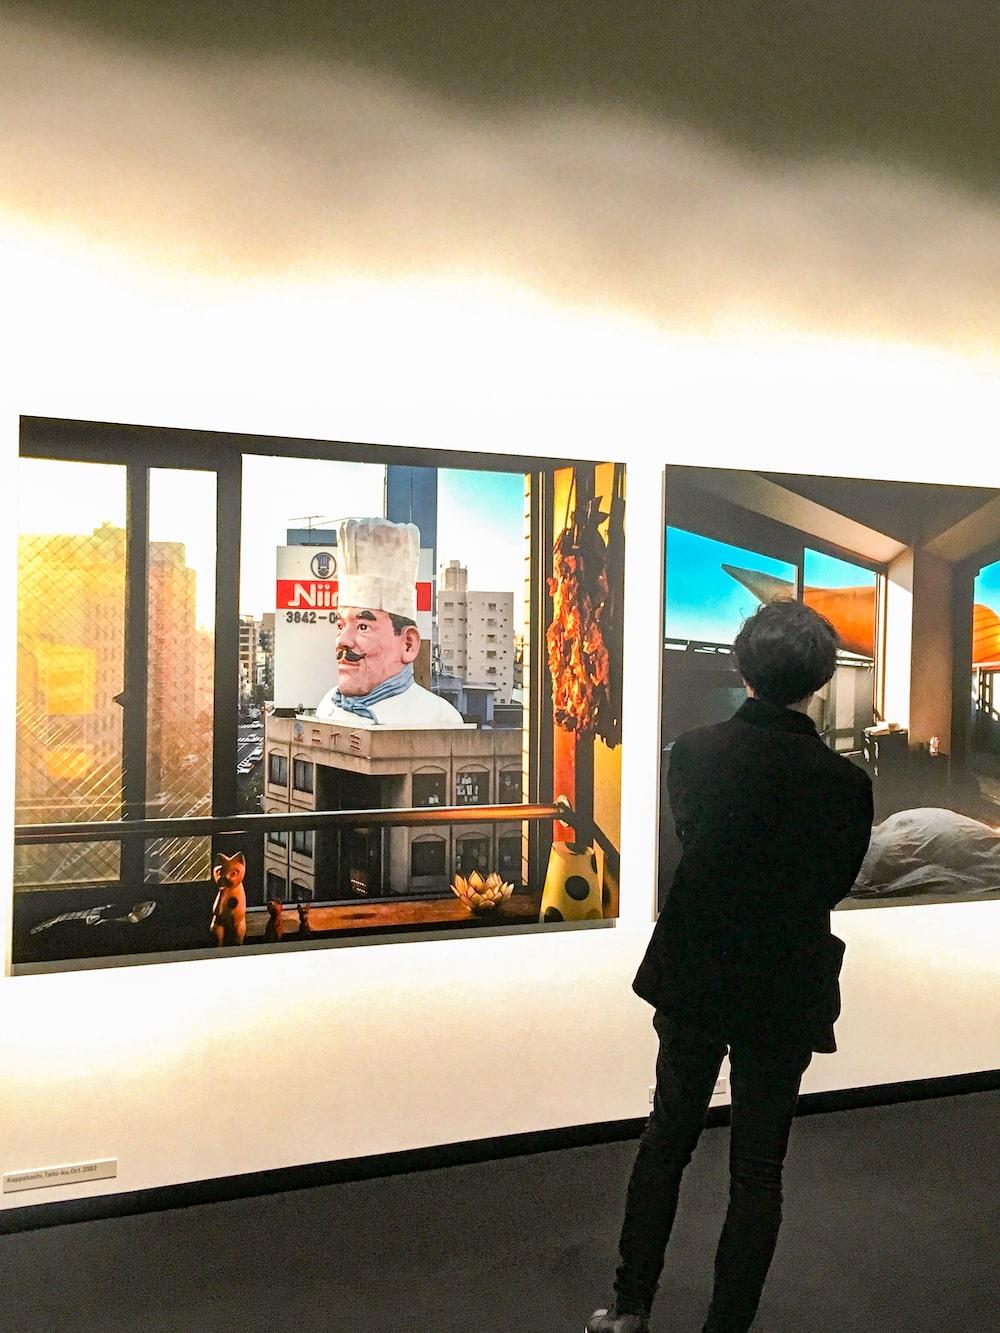 惠比壽寫真美術館 中野貴正照片展